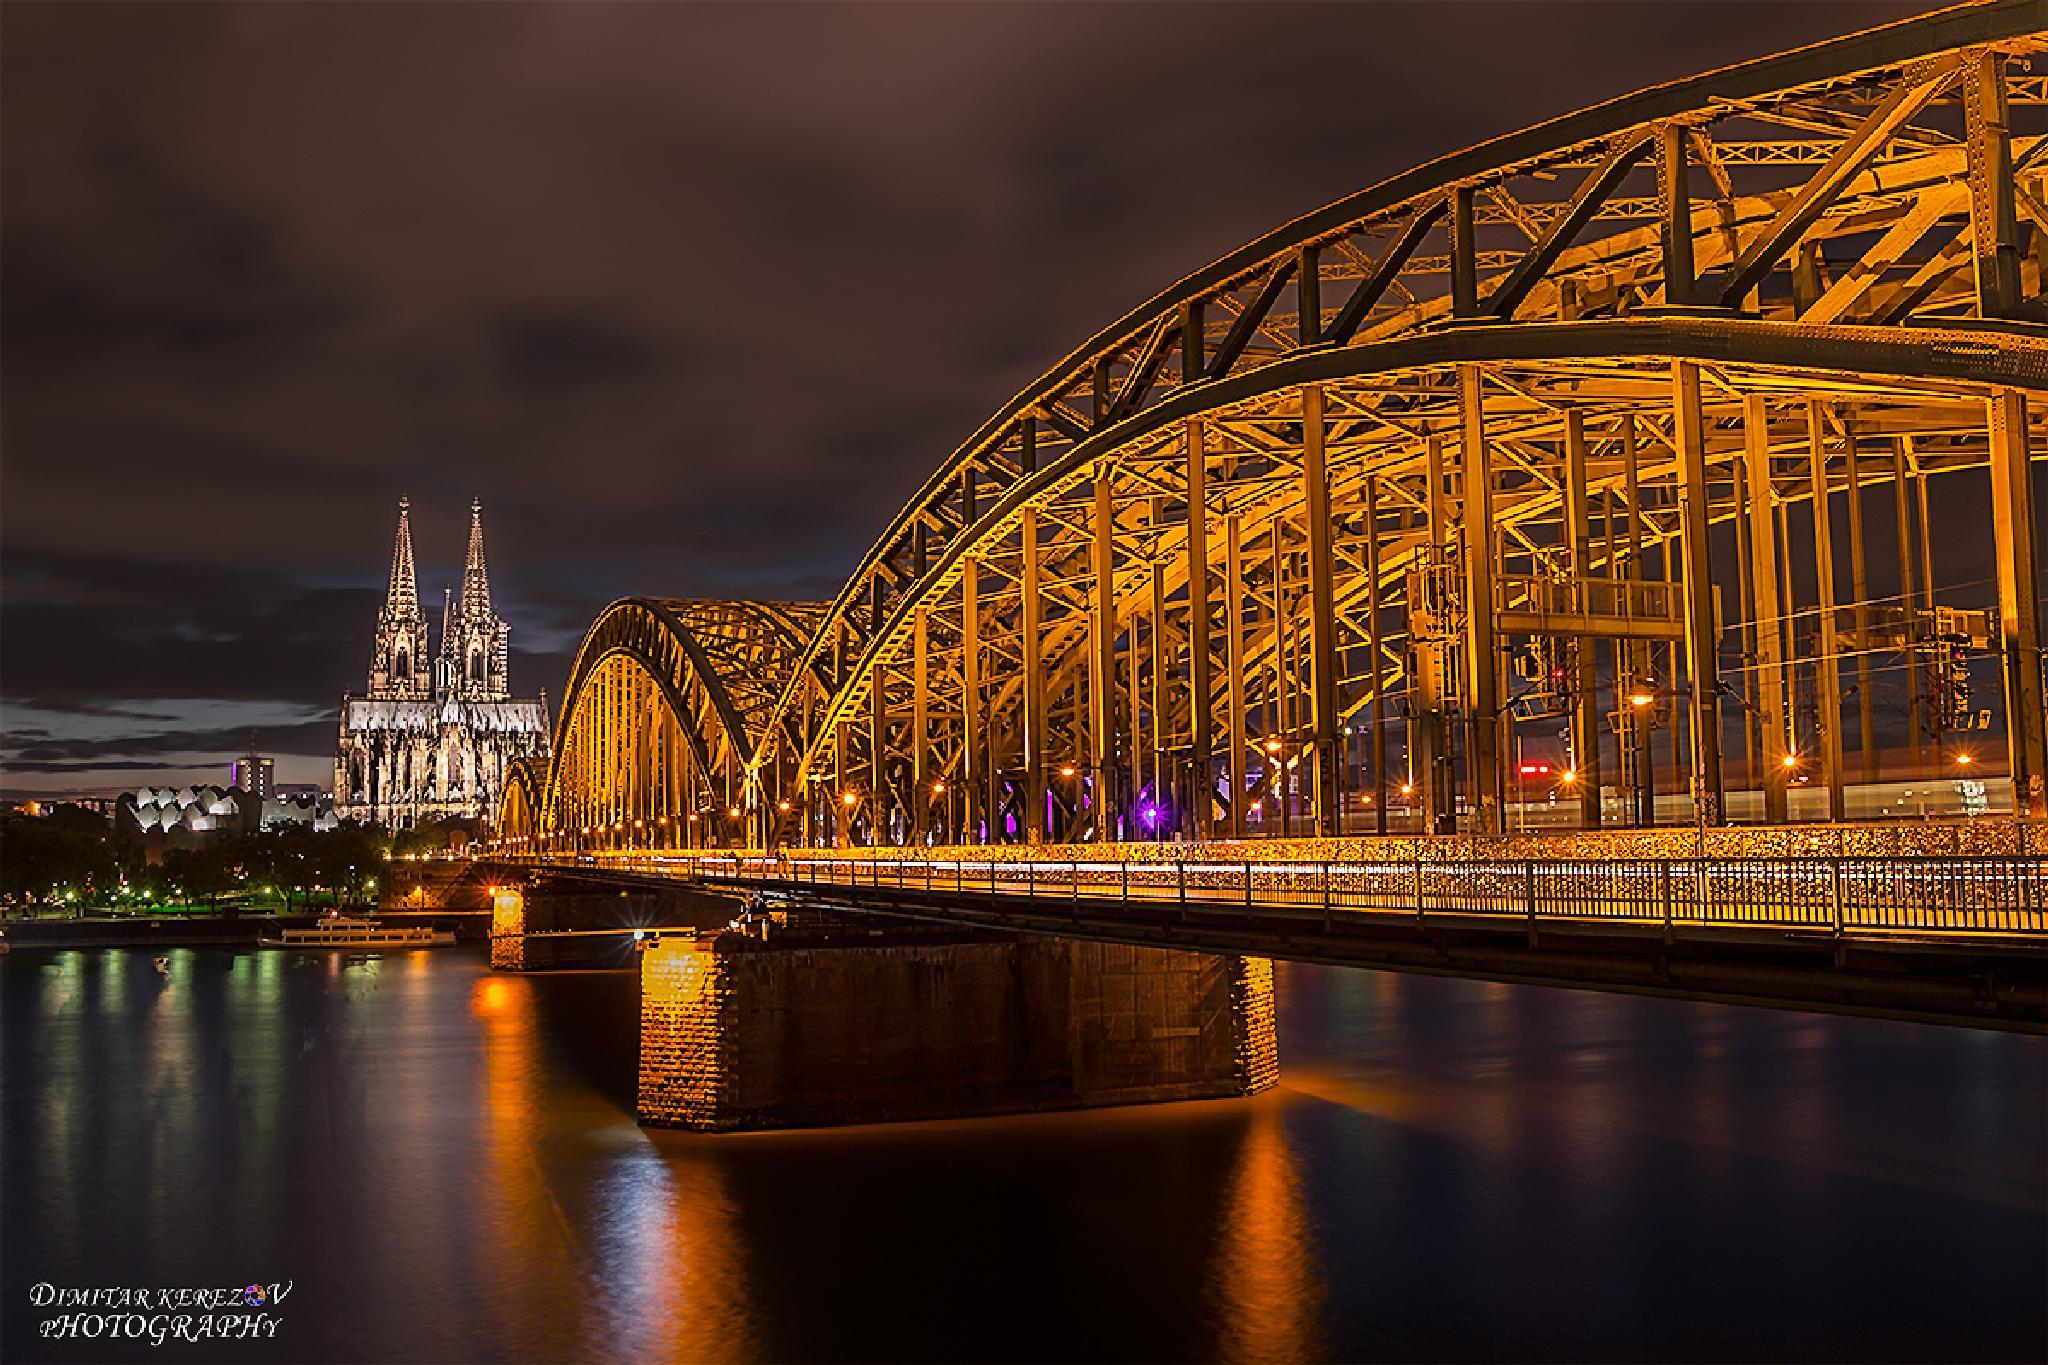 Hohenzollern Bruecke, Cologne - Germany by Dimitar Kerezov